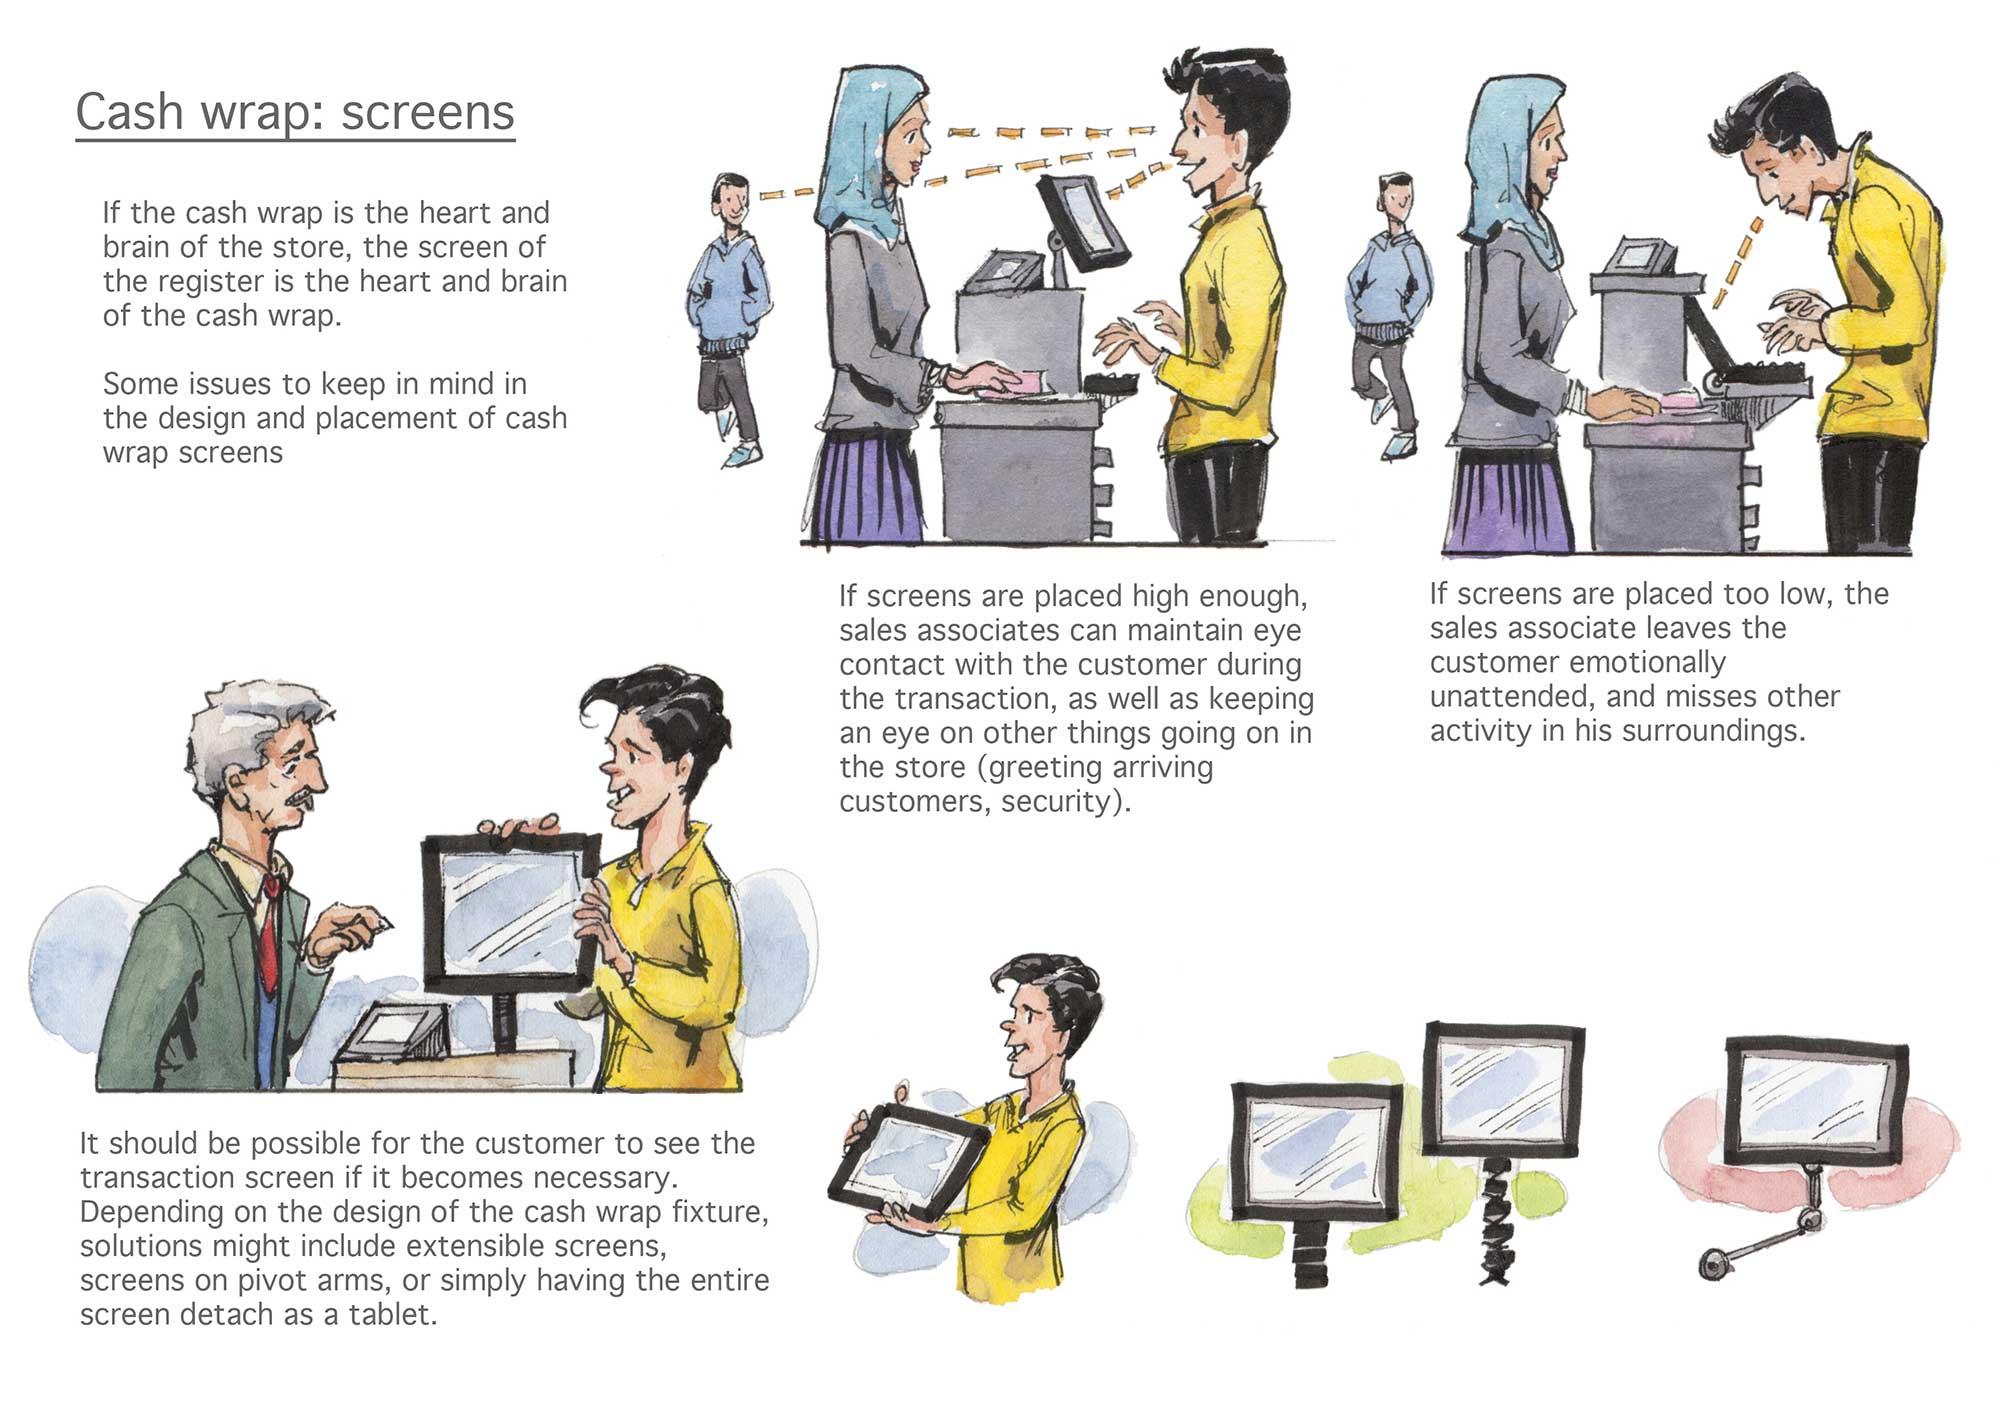 cash_wrap_screens.jpg